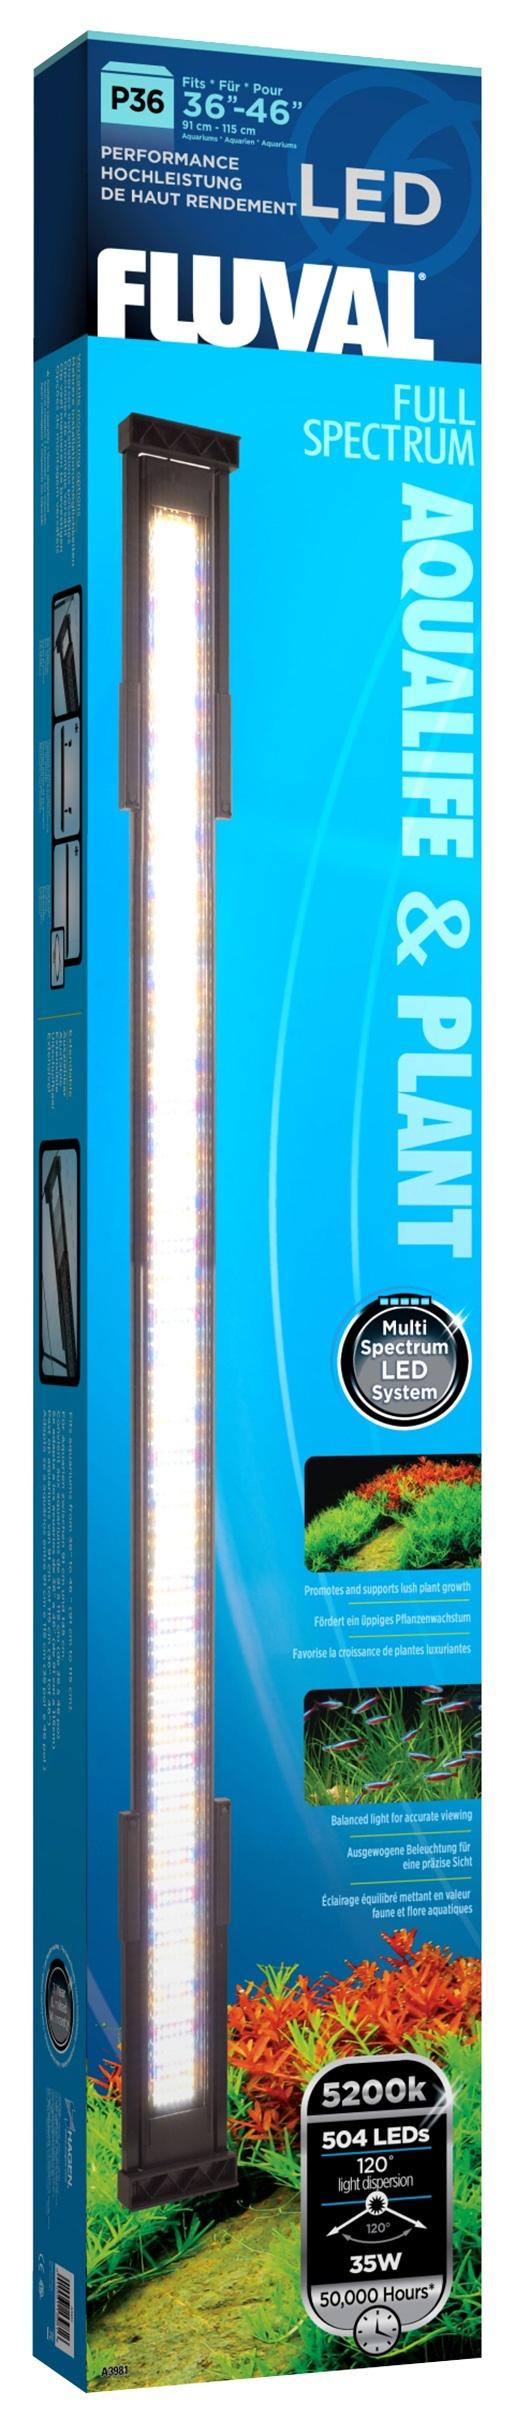 Osvětlení FLUVAL AQUALIFE & PLANT LED 91 - 115 cm 36W